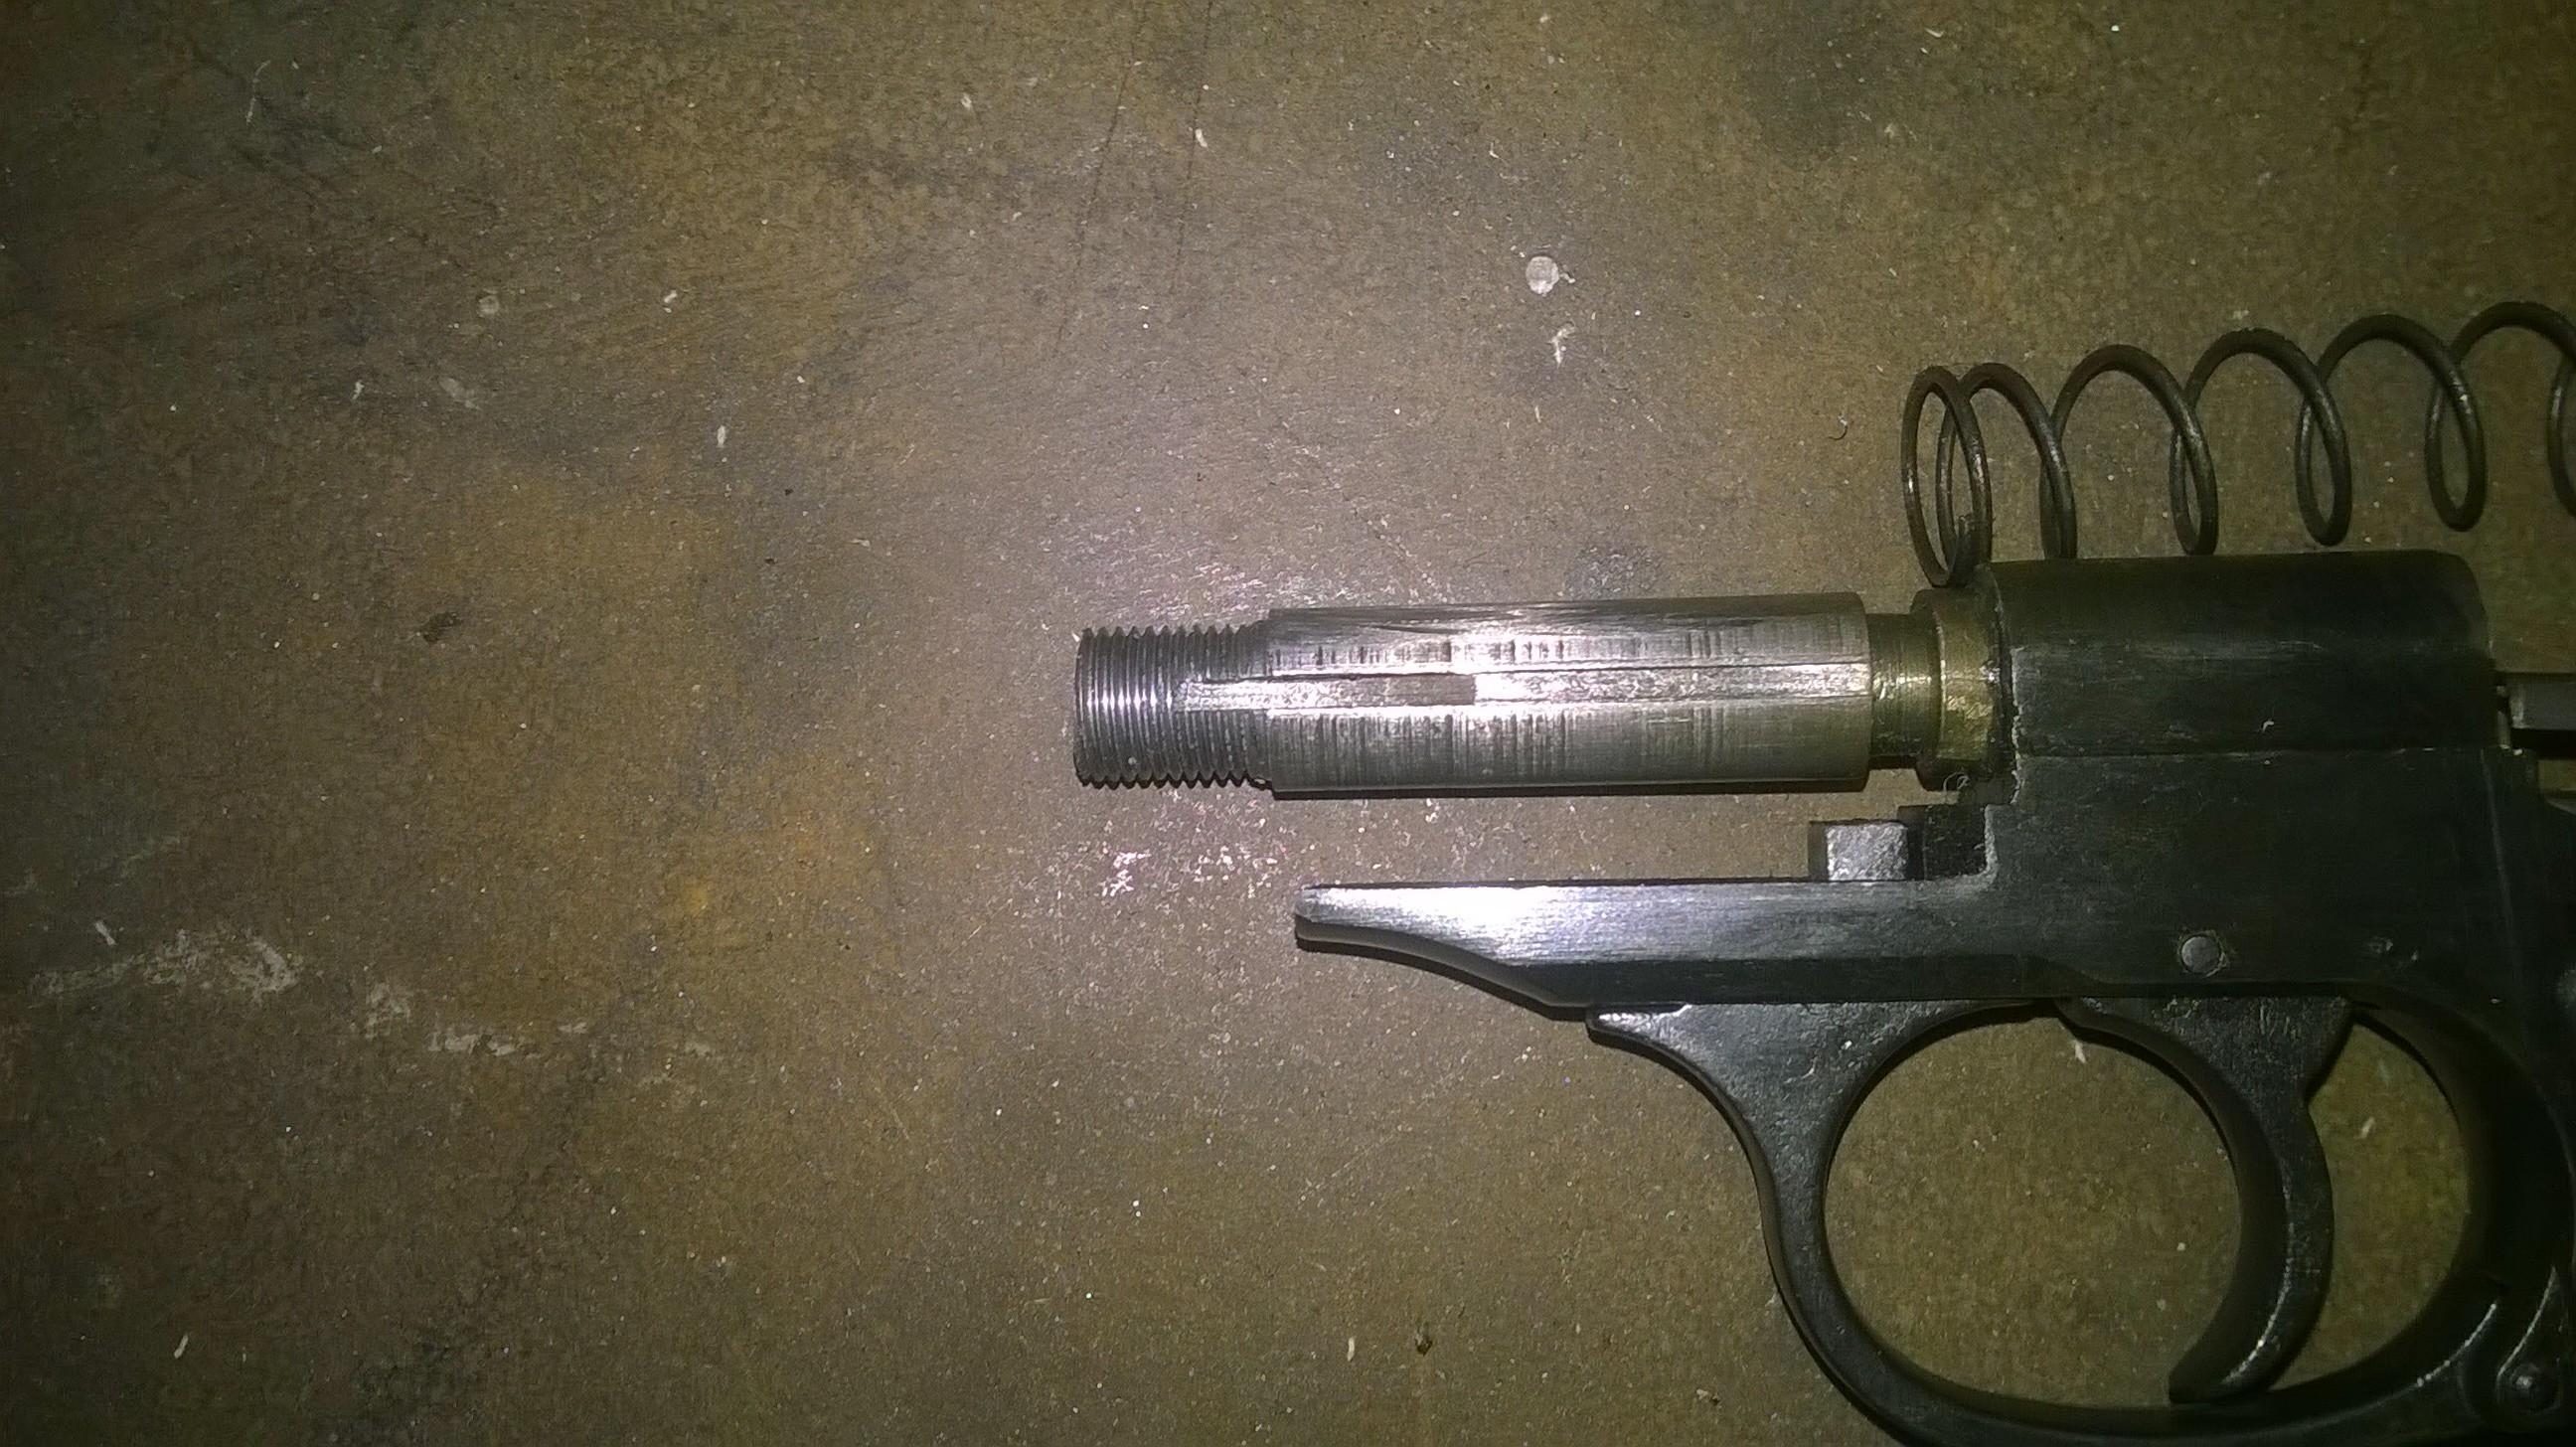 Нарезать резьбу на стволе травматического пистолета для установки глушителя